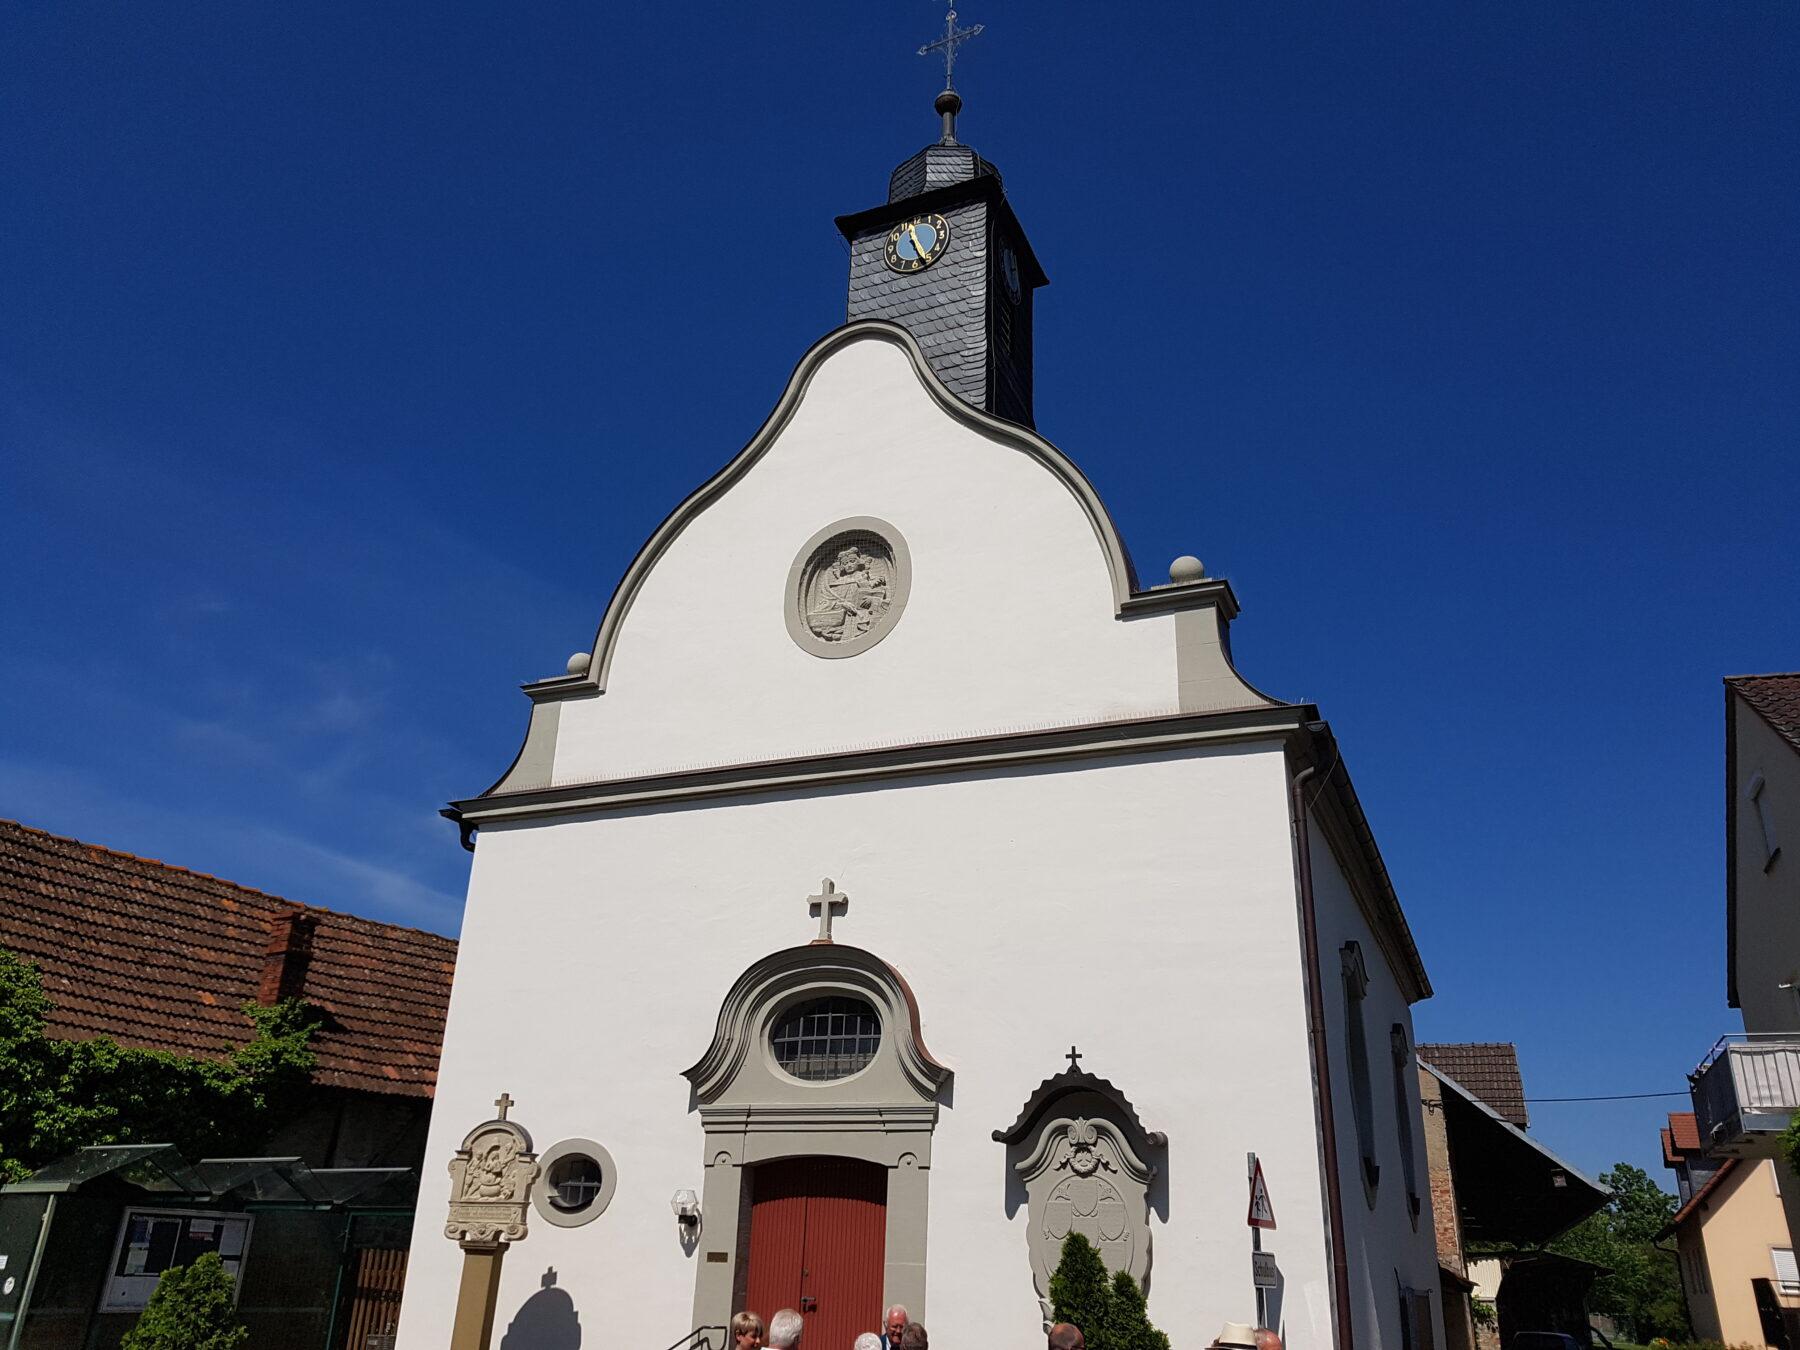 Hörblach St. Vitus